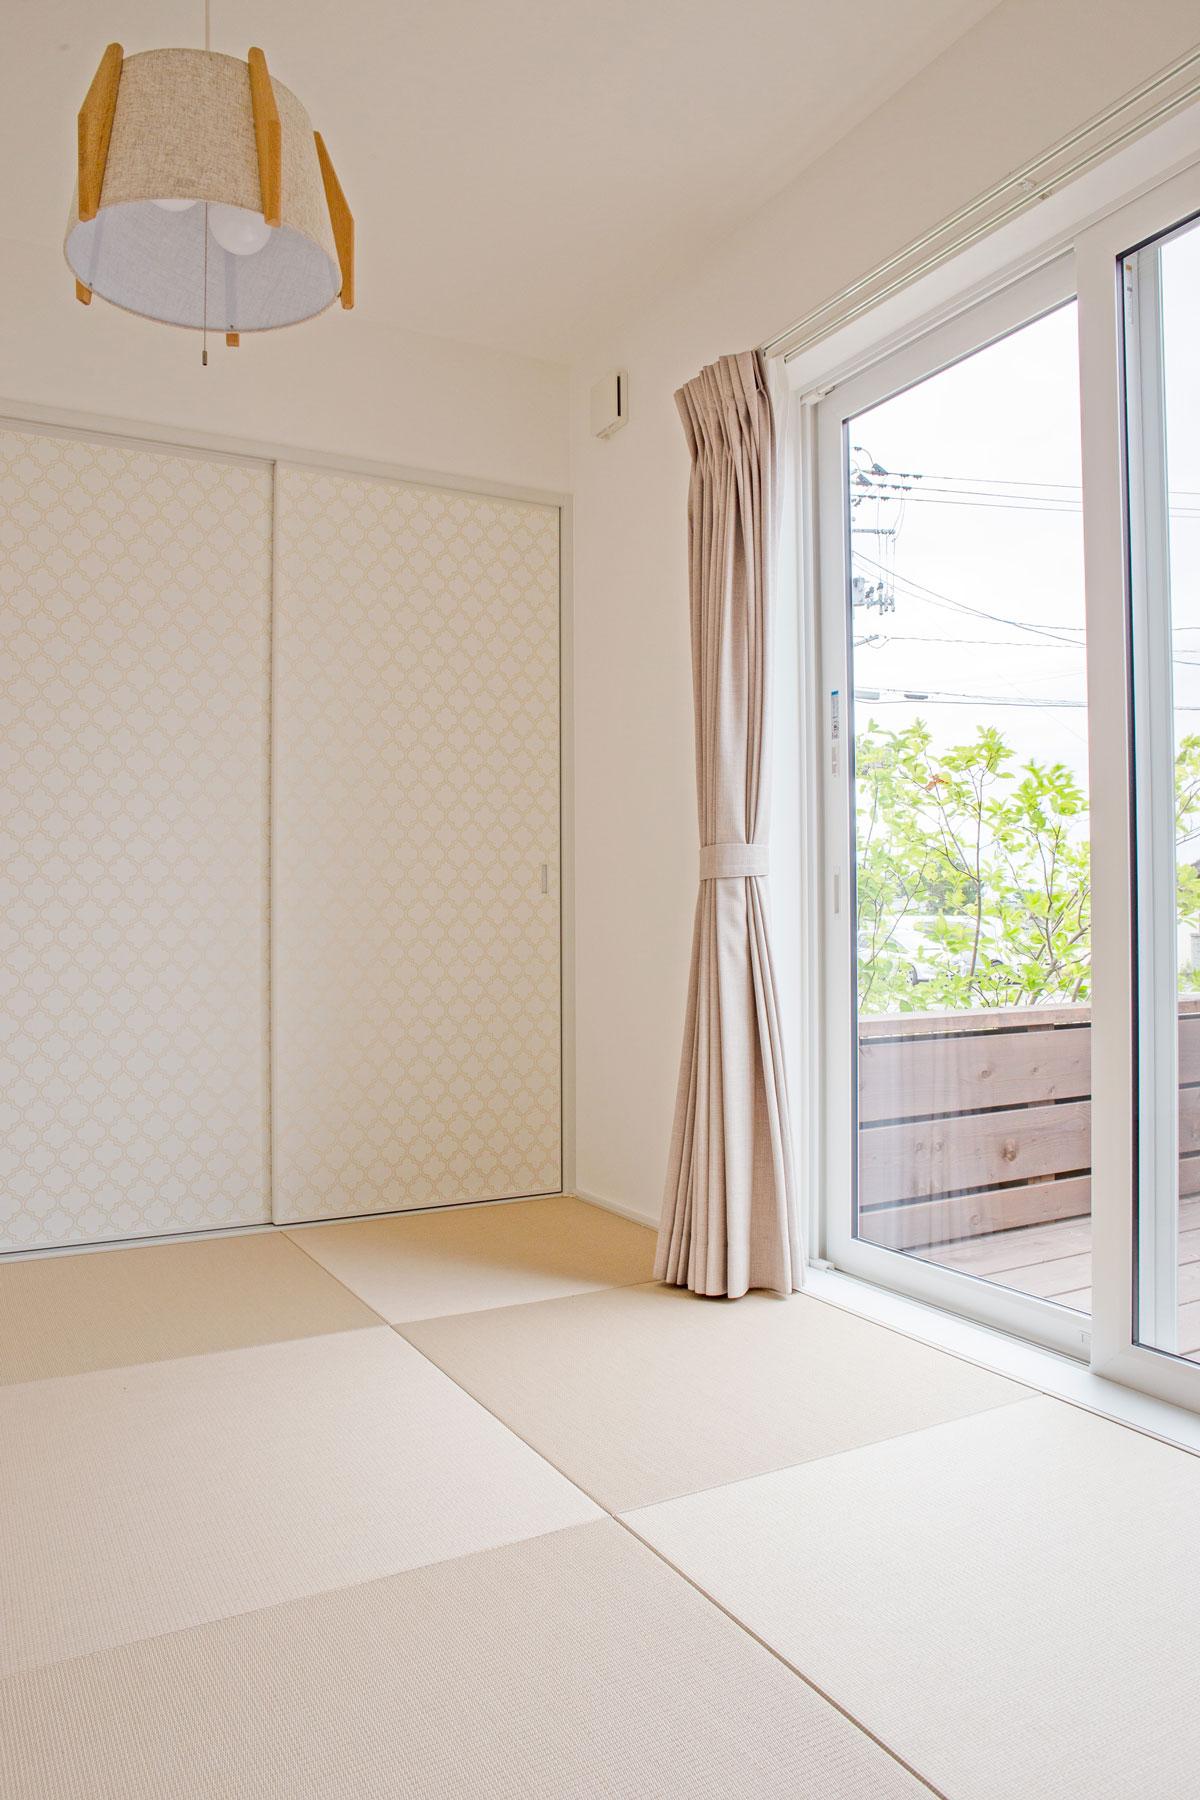 琉球畳のかわいい和室